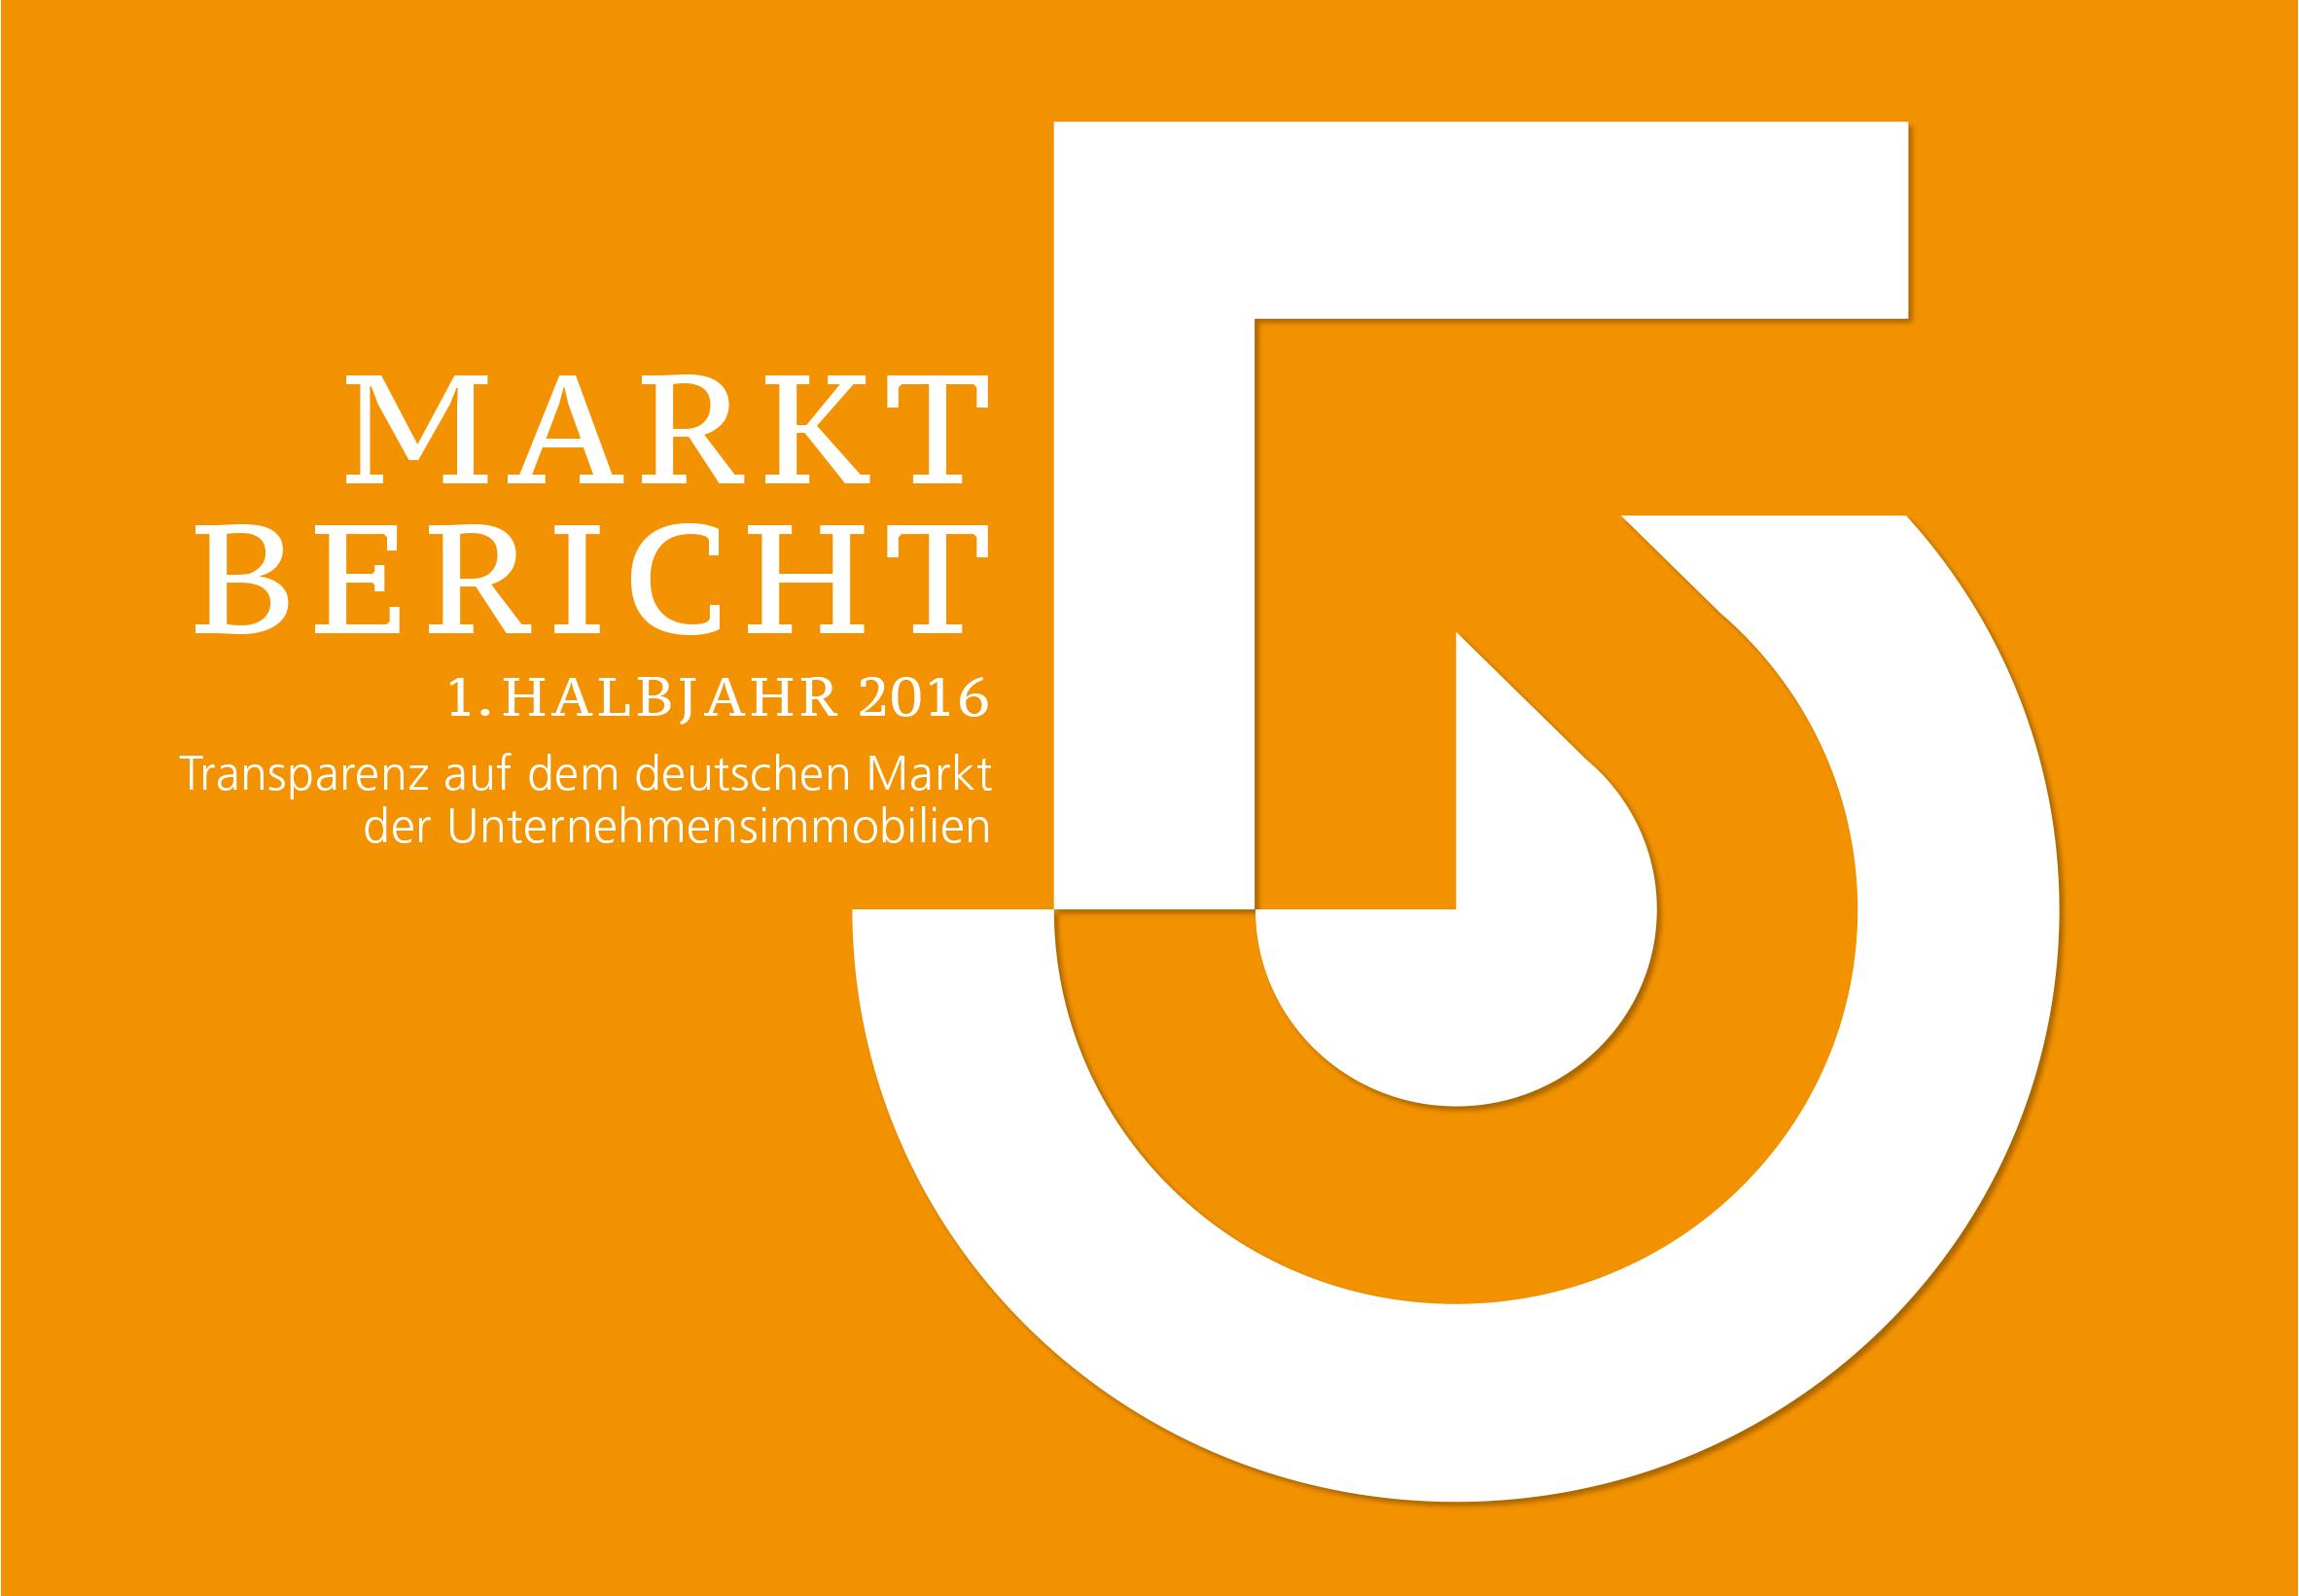 Marktbericht Nr. 5 der Initiative Unternehmensimmobilien